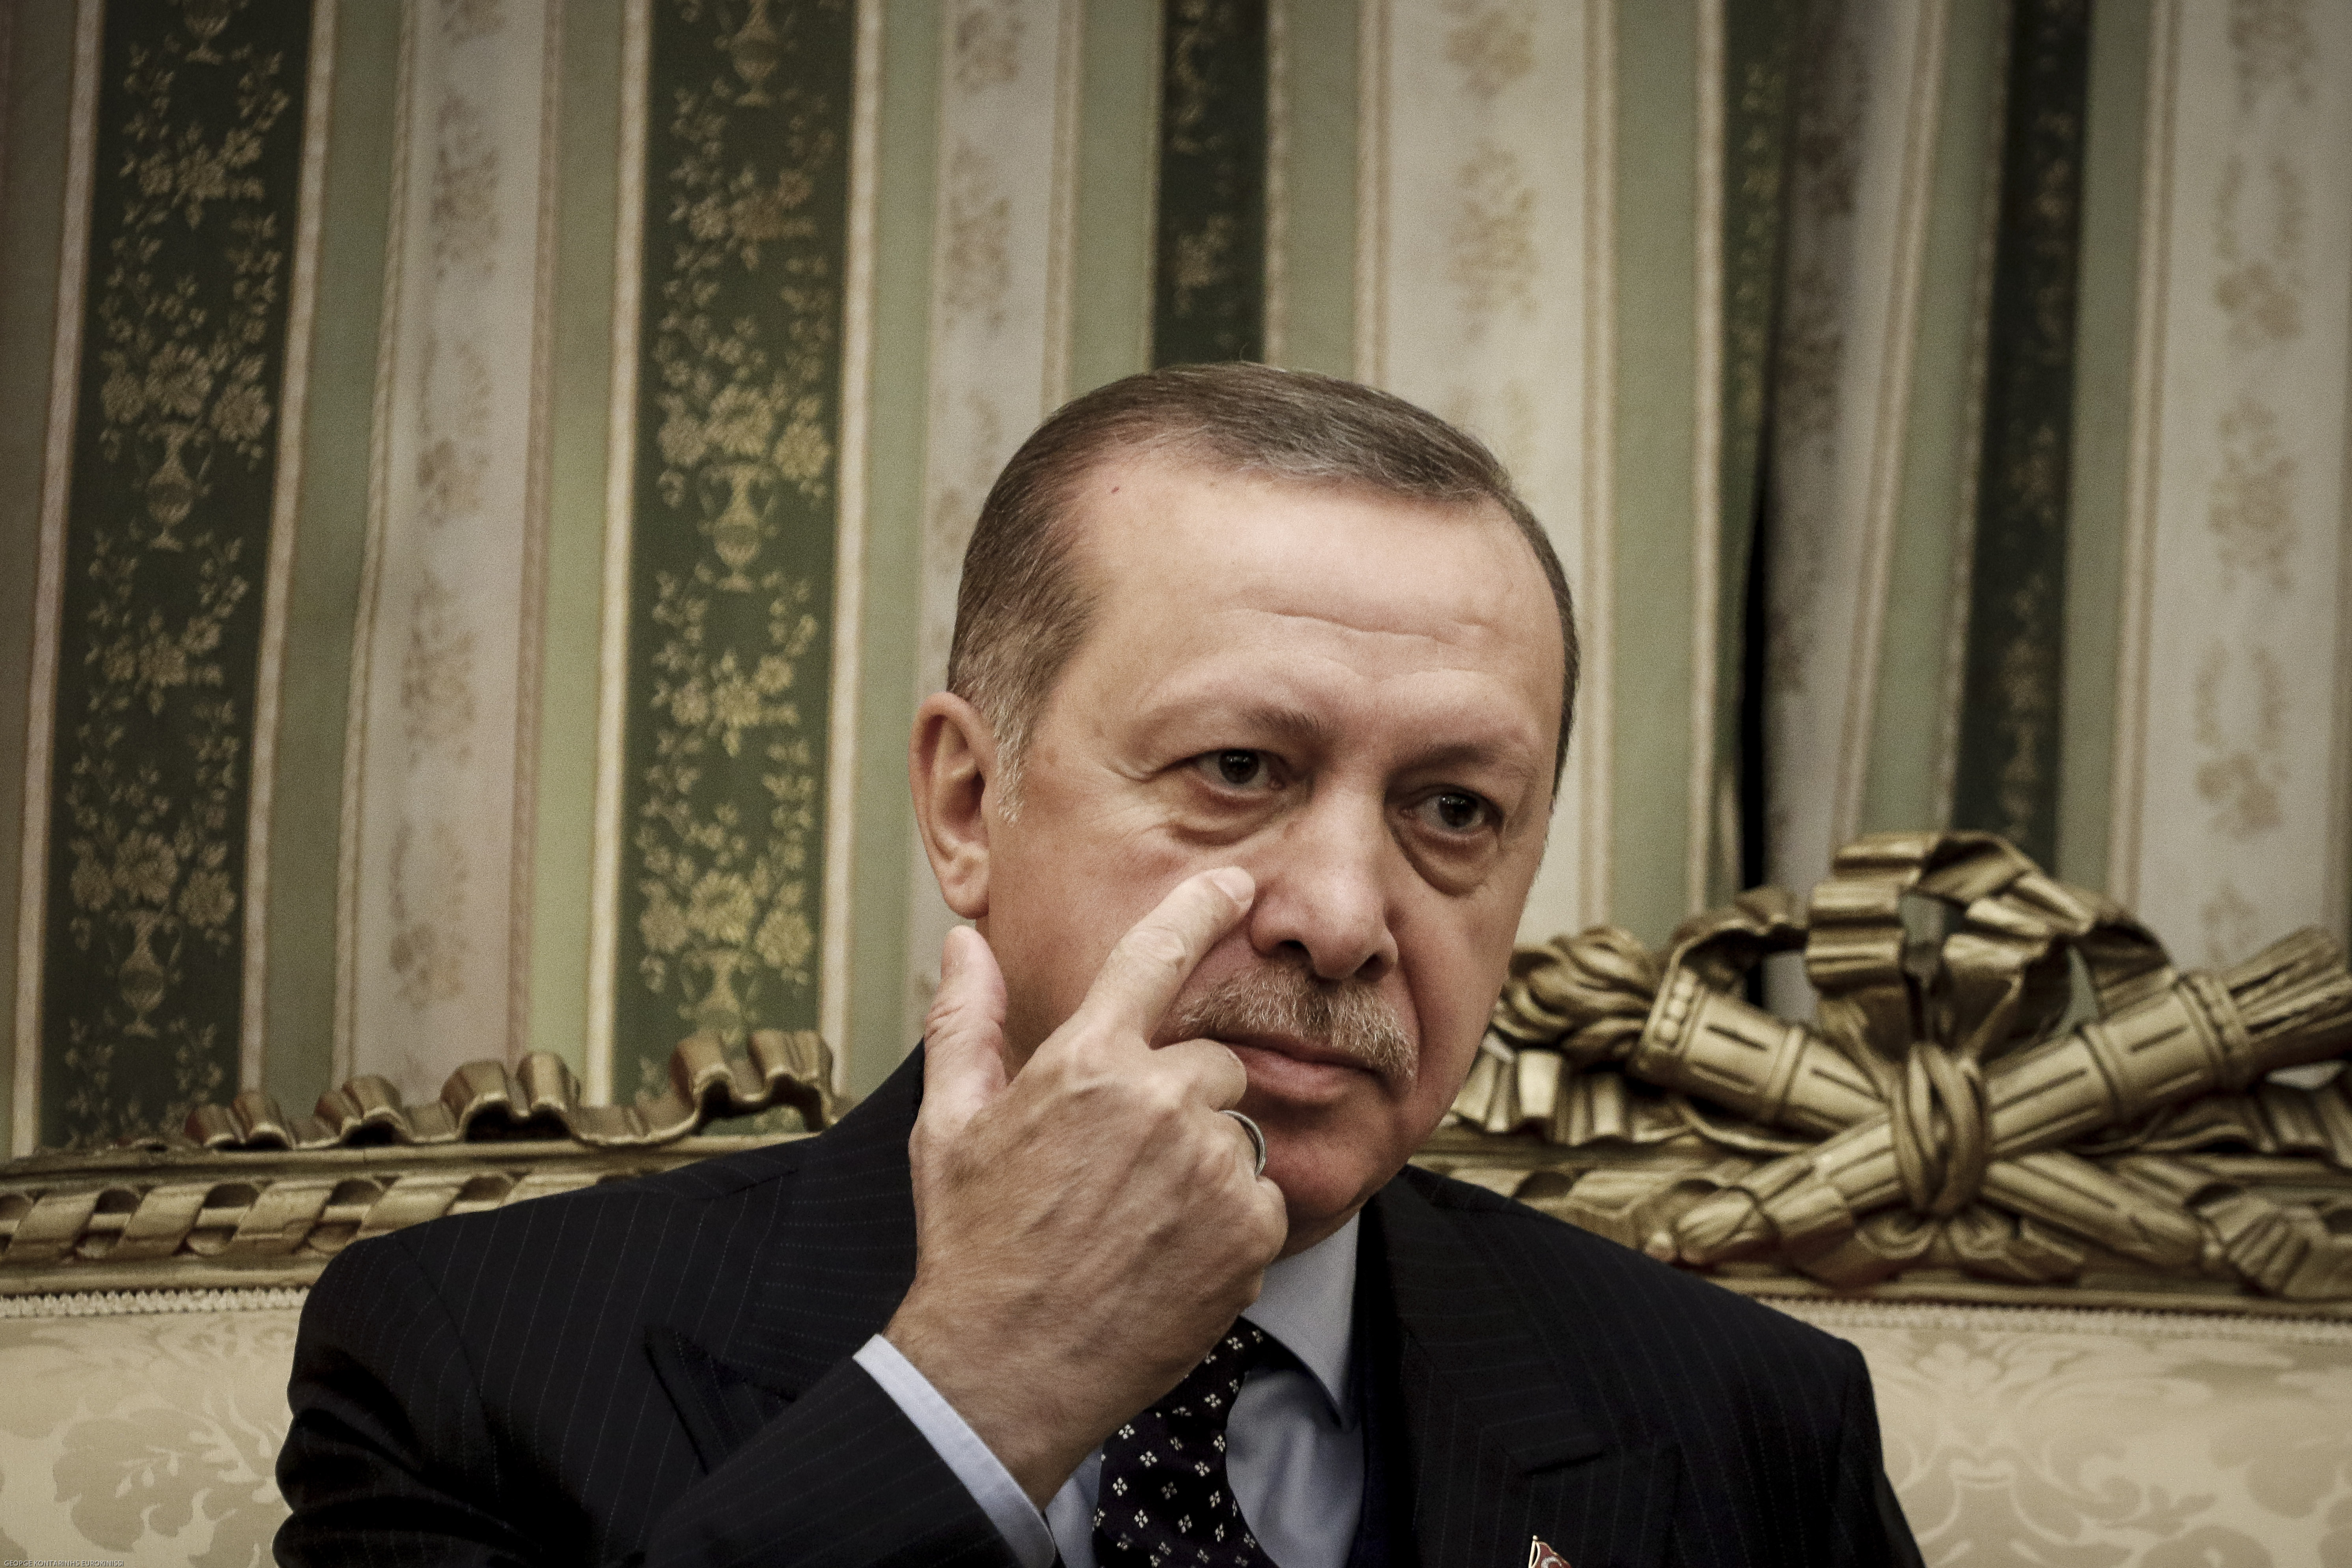 erdogan proedriko megaro